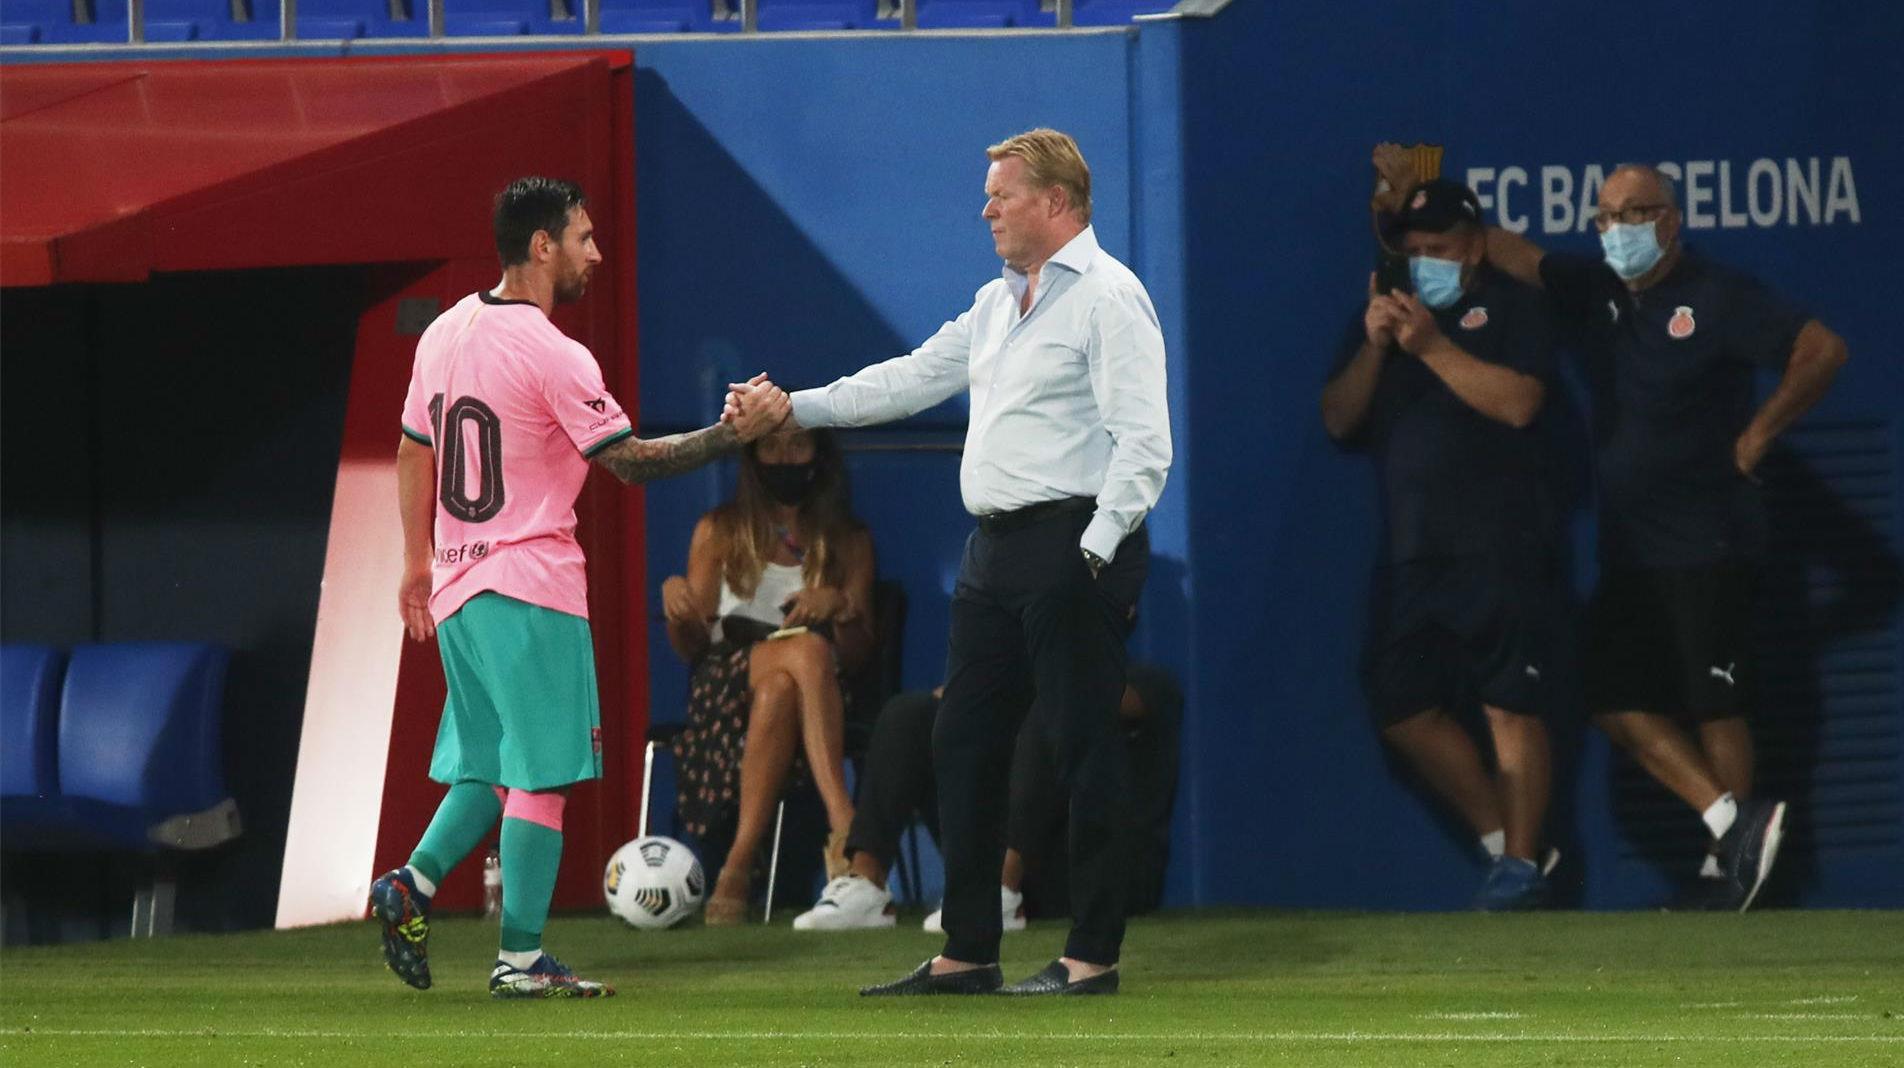 El mensaje de Messi a Koeman justo después de ganar a la Juve